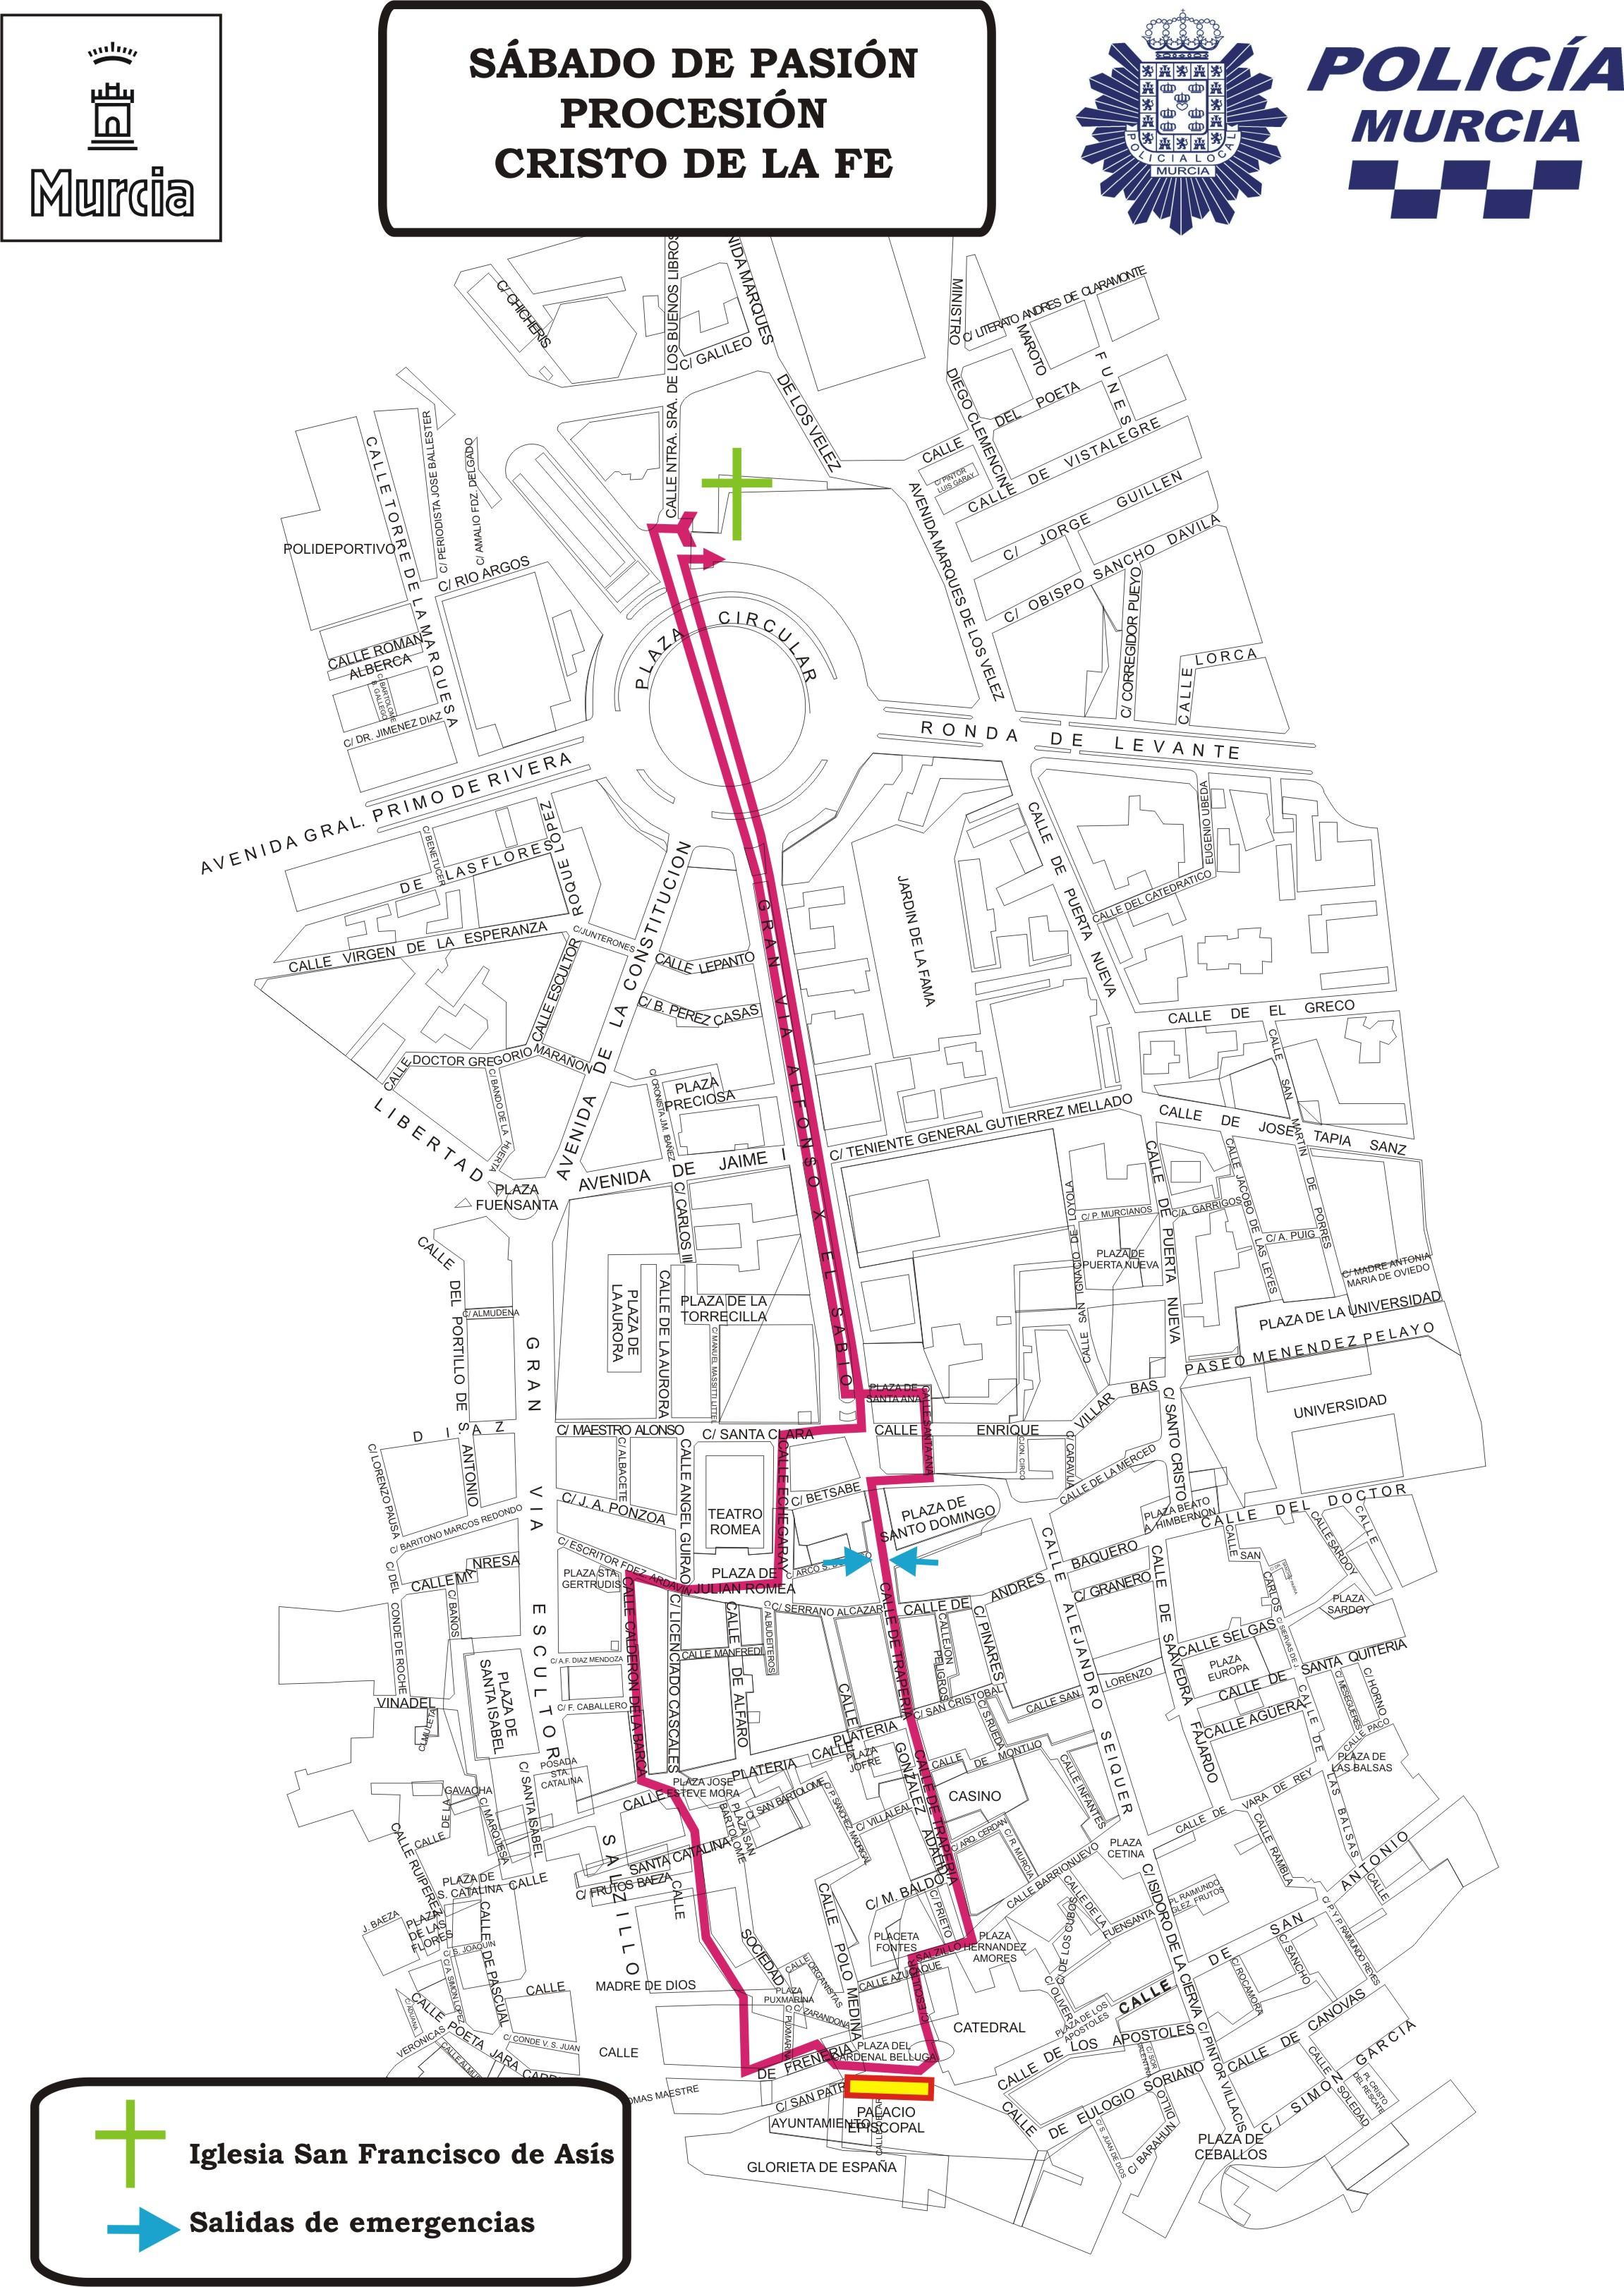 Plano con el recorrido de la procesión y salida de emergencia